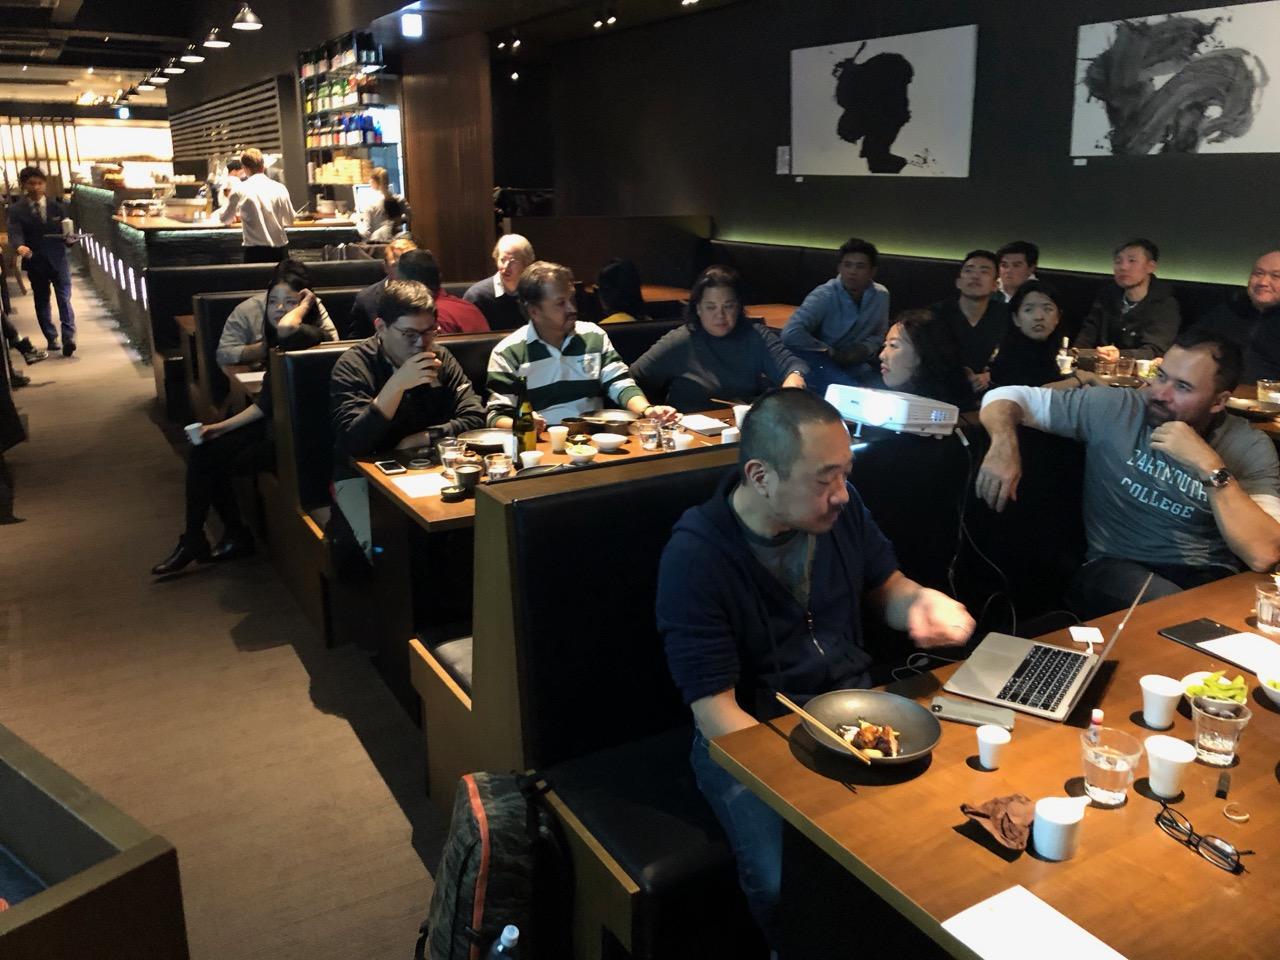 The Dartmouth alums listen to a speech over dinner at Ki Niseko